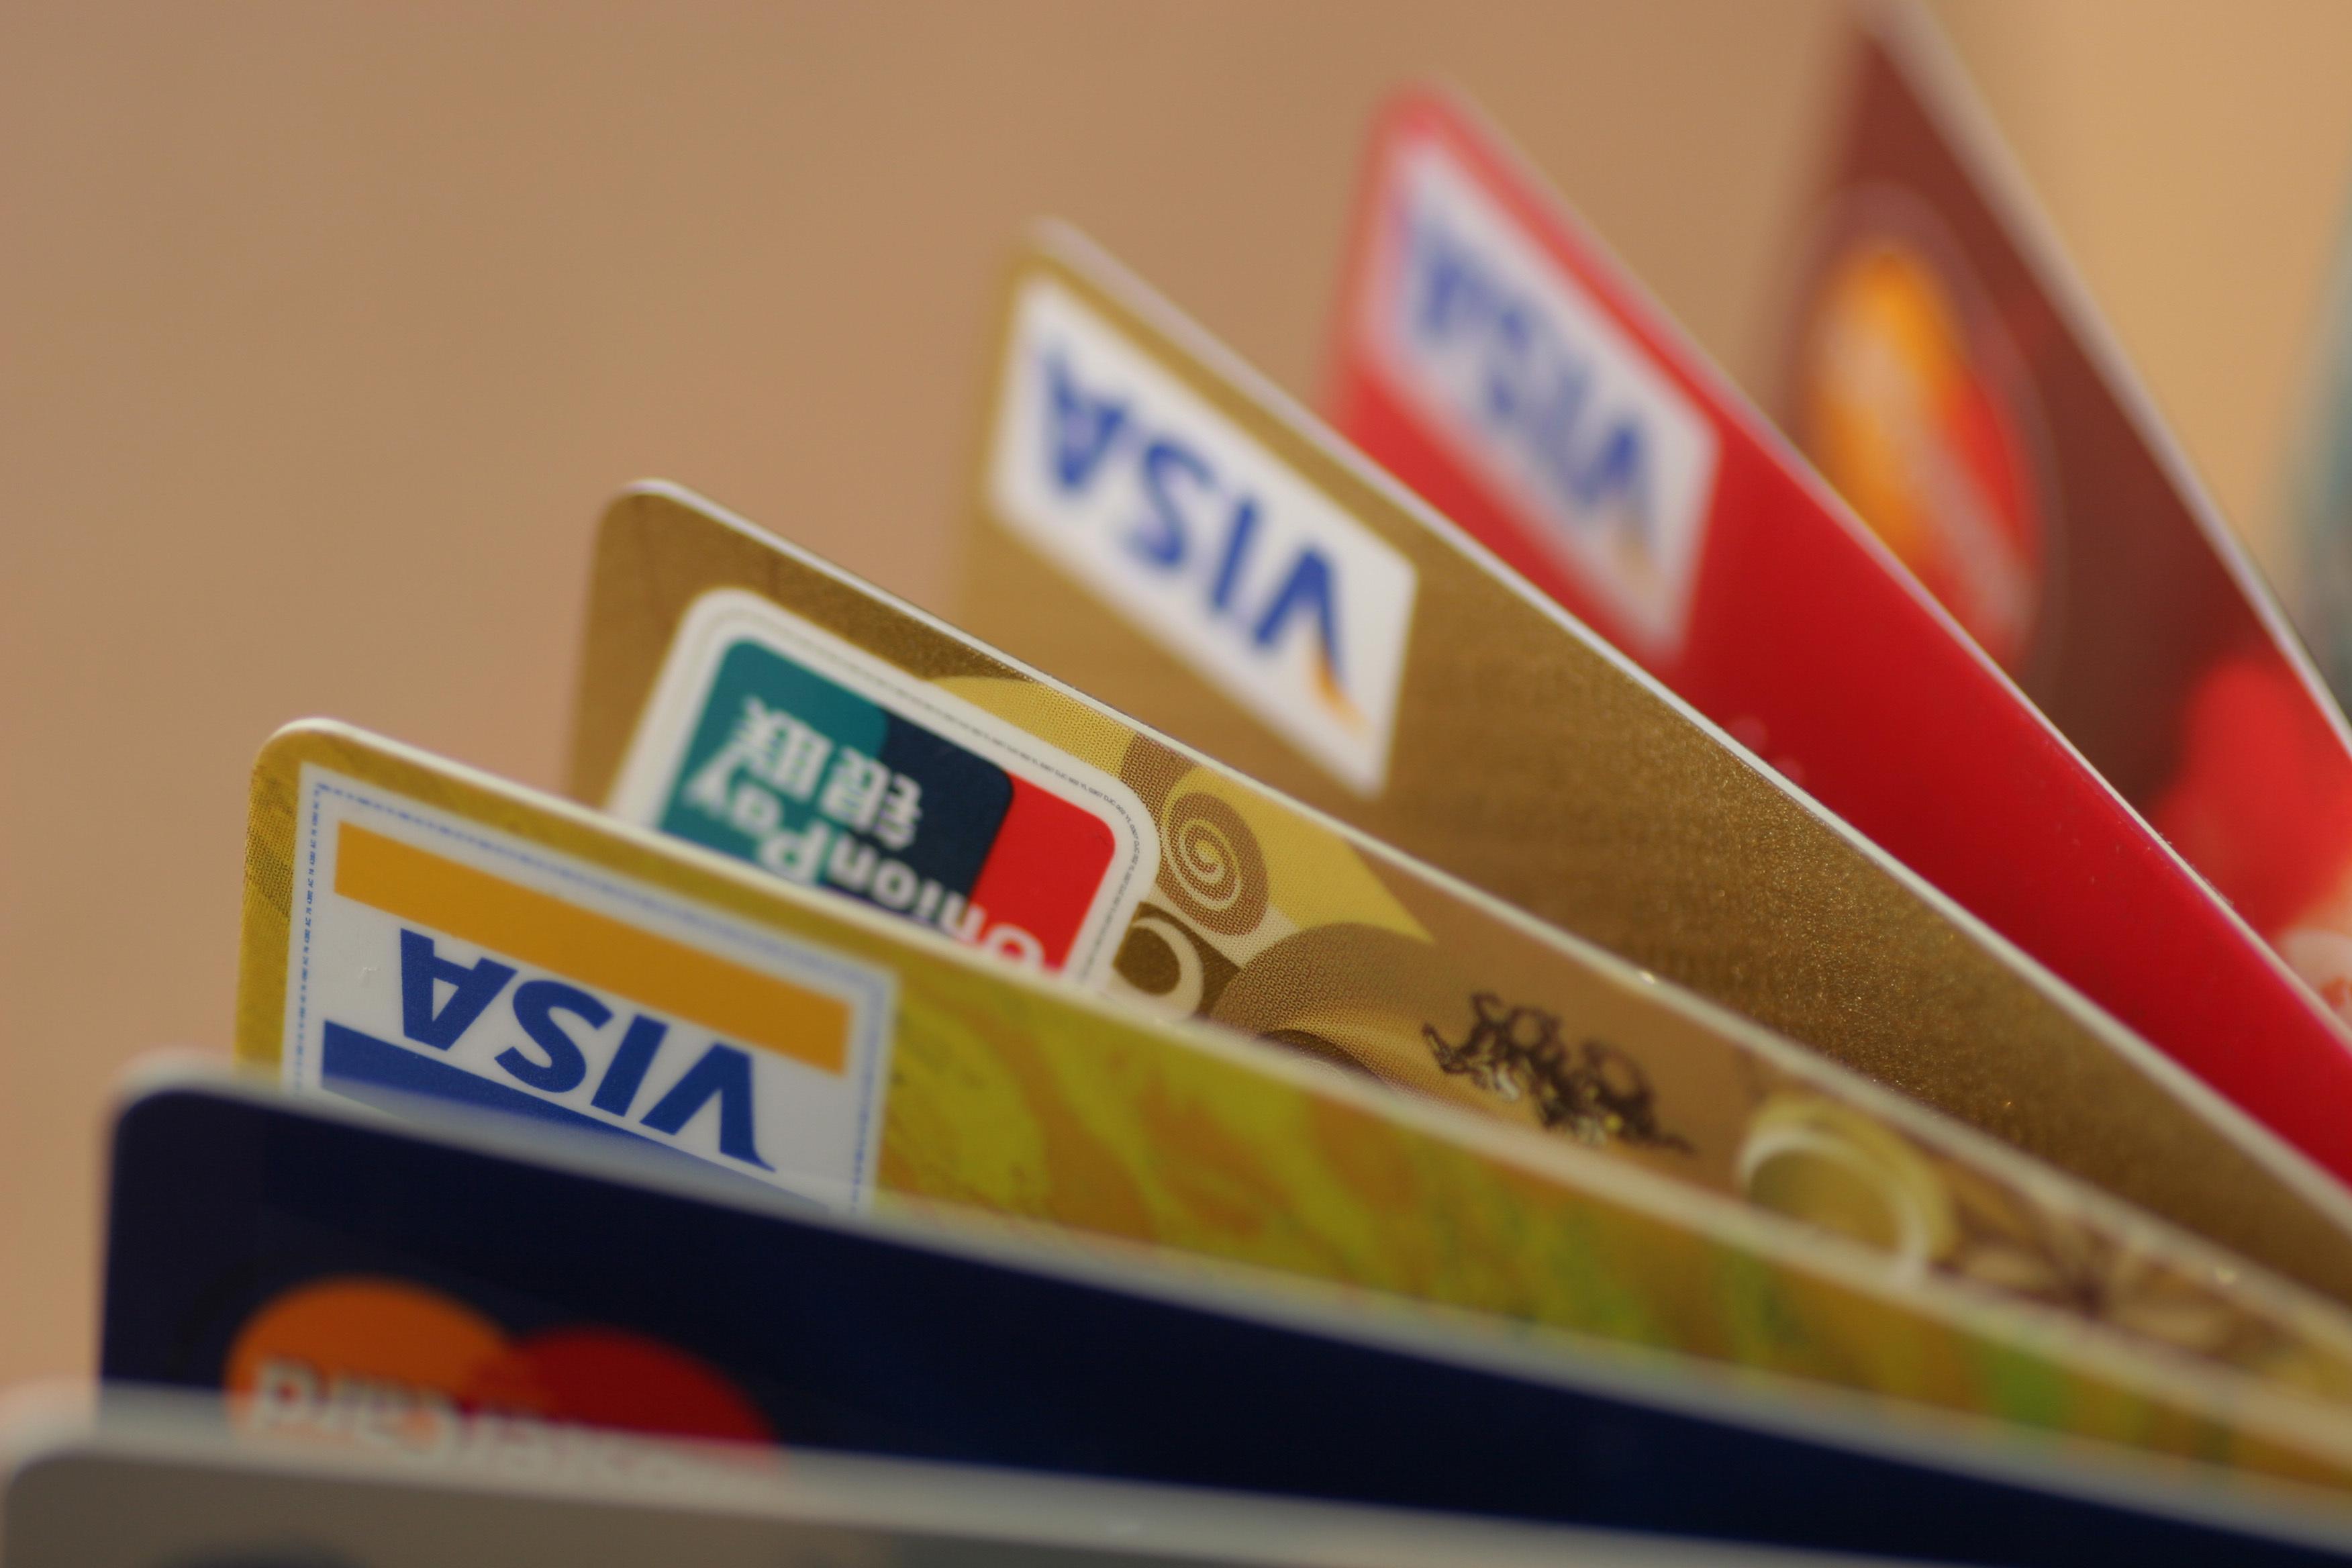 广发卡两年提了20W!如何安全快速的提升信用卡额度呢?